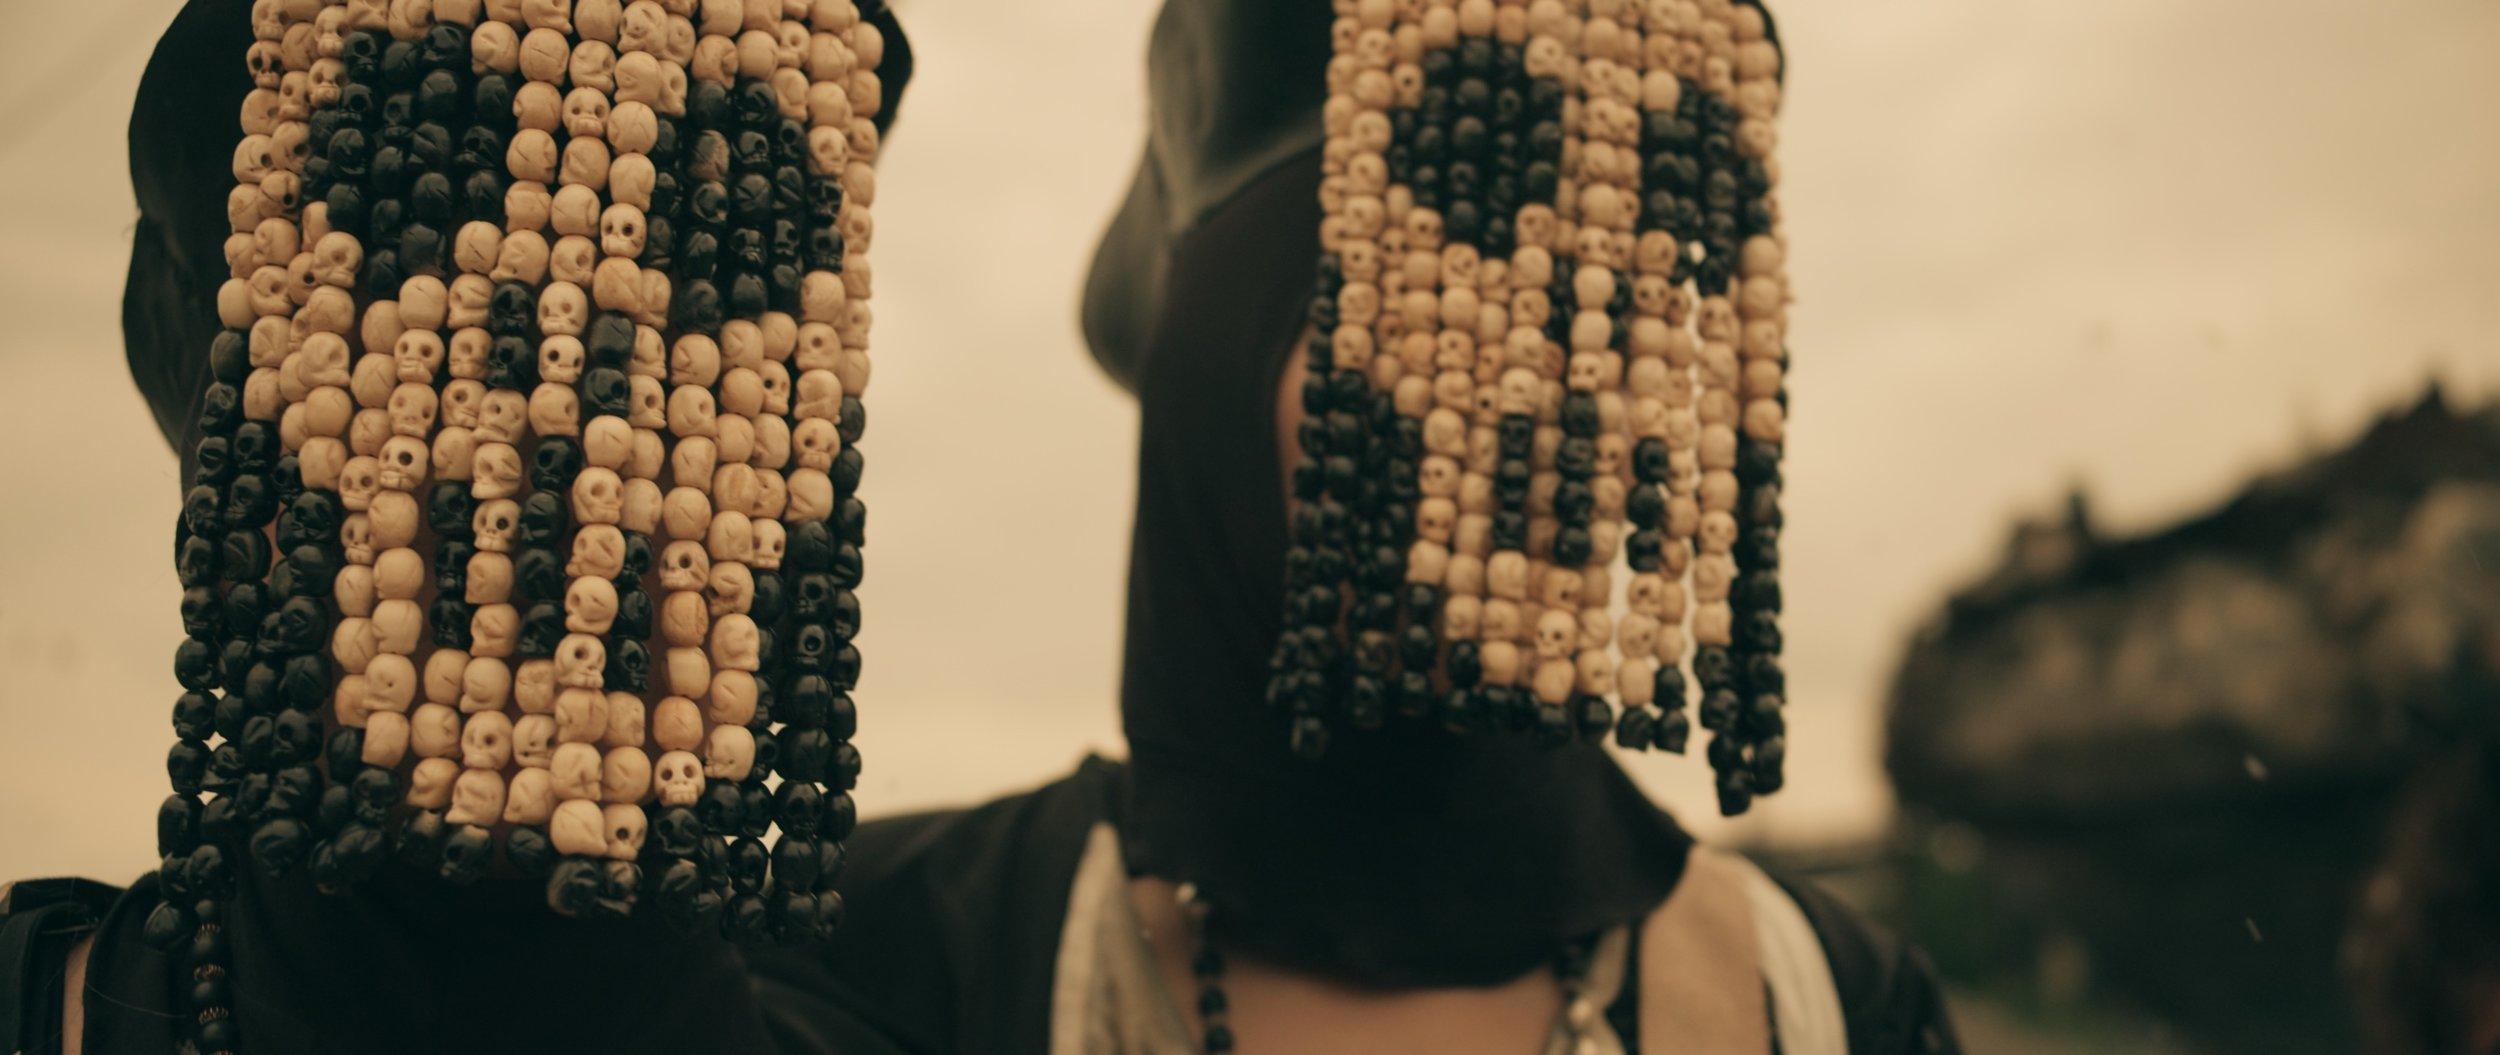 The Nuns beads's face concept design: Clarice Deka actress: Sarah Benedict & Joyce Lzrioza